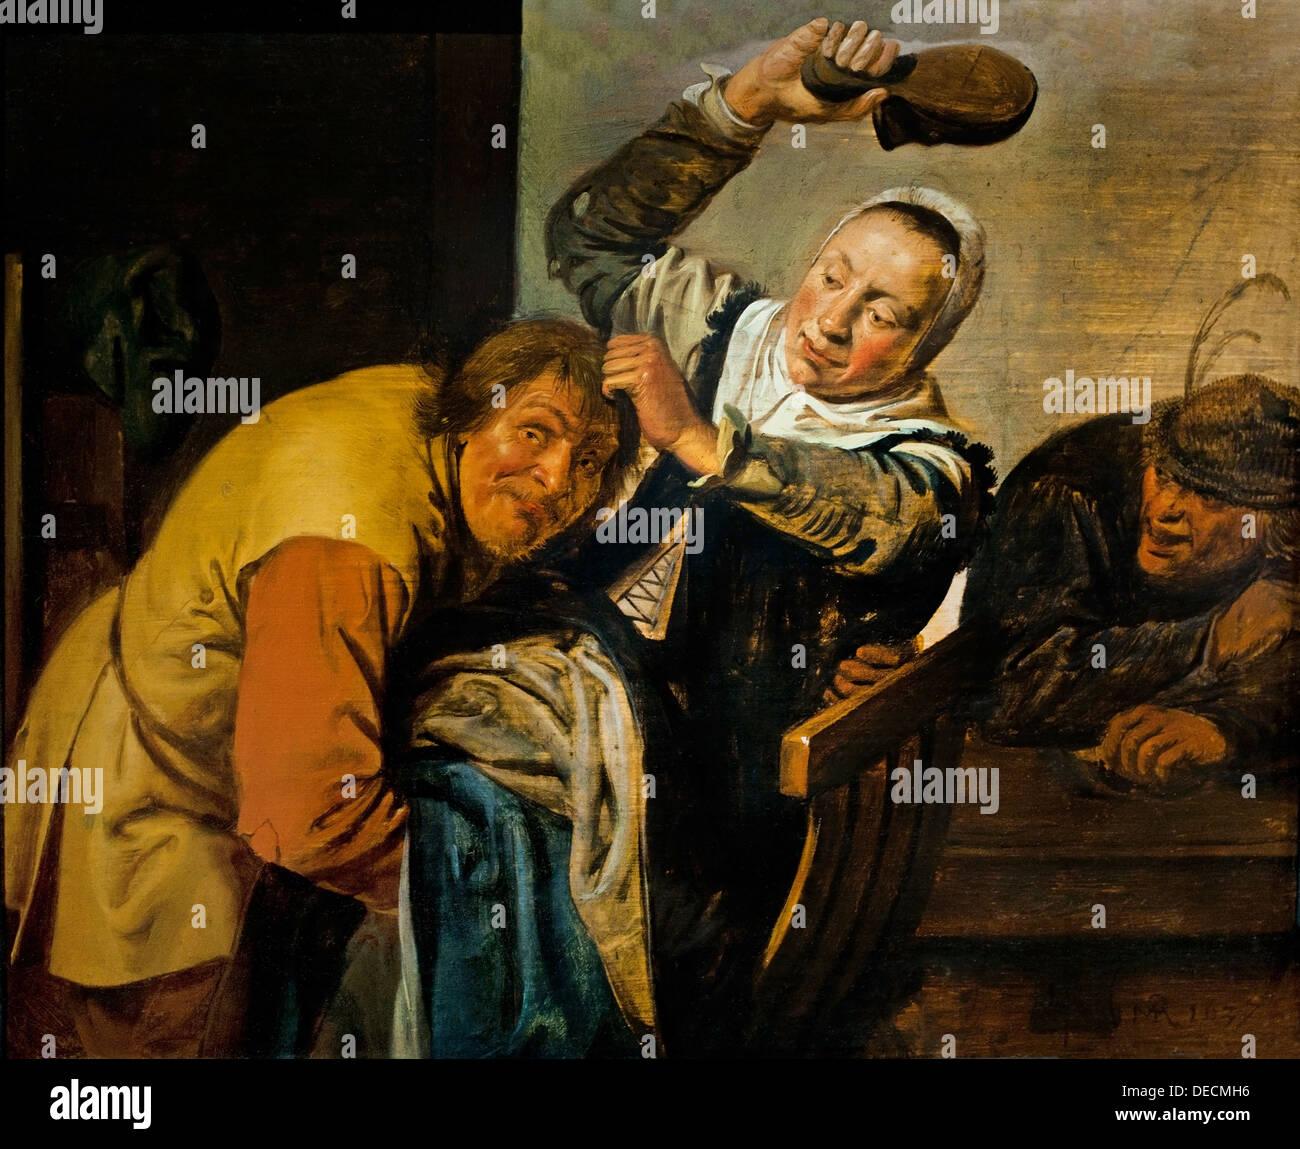 Die fünf Sinne berühren Anblick hören Geruch Geschmack Jan Miense Molenaer 1610-1668 niederländischen Niederlande Stockbild